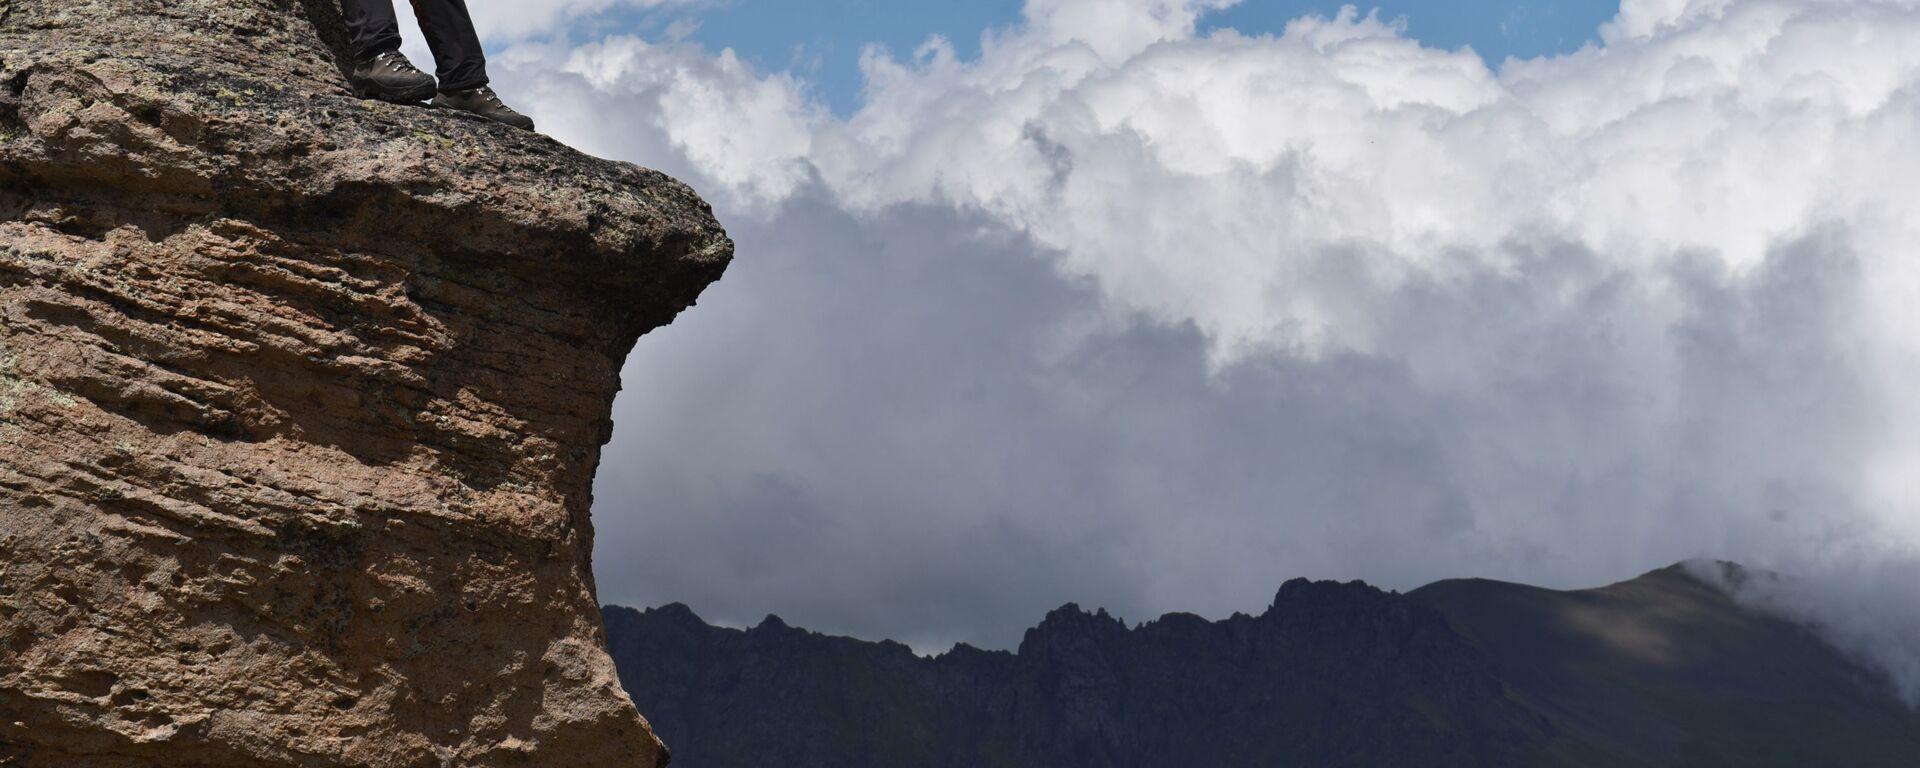 Obdivuhodná příroda. Zážitkové lezení na nejvyšší horu Kavkazu a Ruska - Elbrus - Sputnik Česká republika, 1920, 23.07.2019